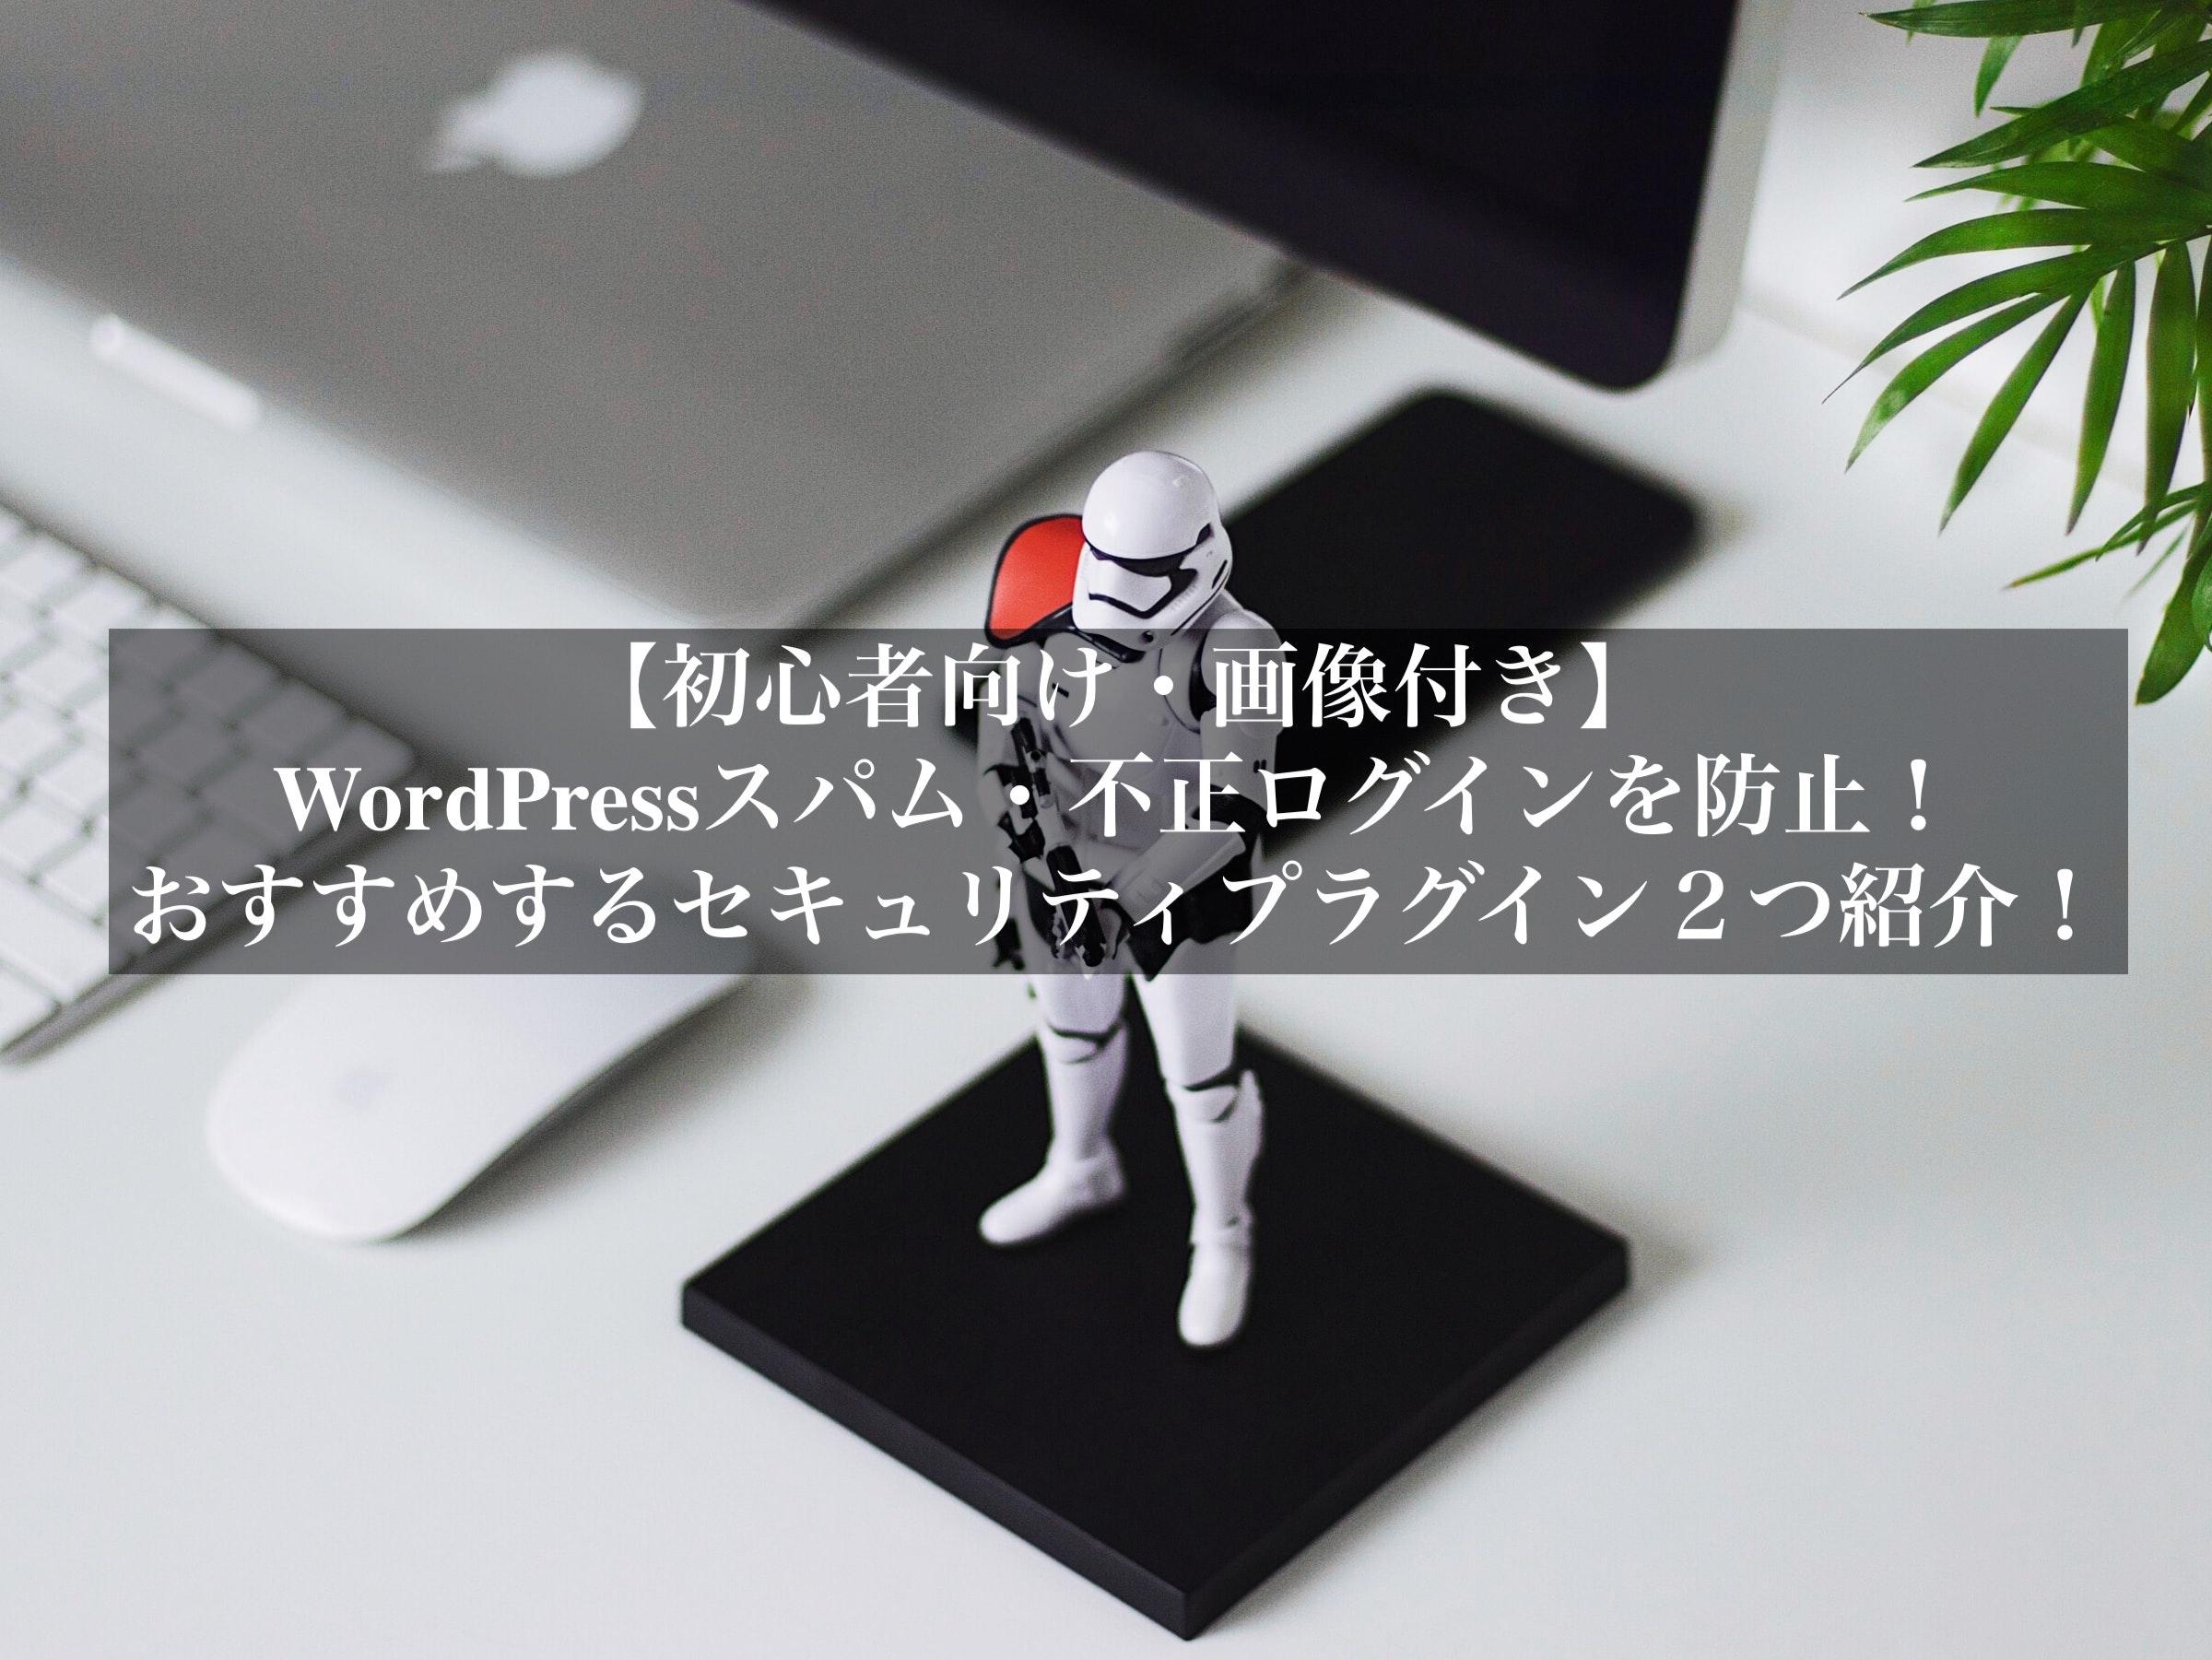 【初心者向け・画像付き】WordPressスパム・不正ログインを防止!おすすめするセキュリティプラグイン2つ紹介!